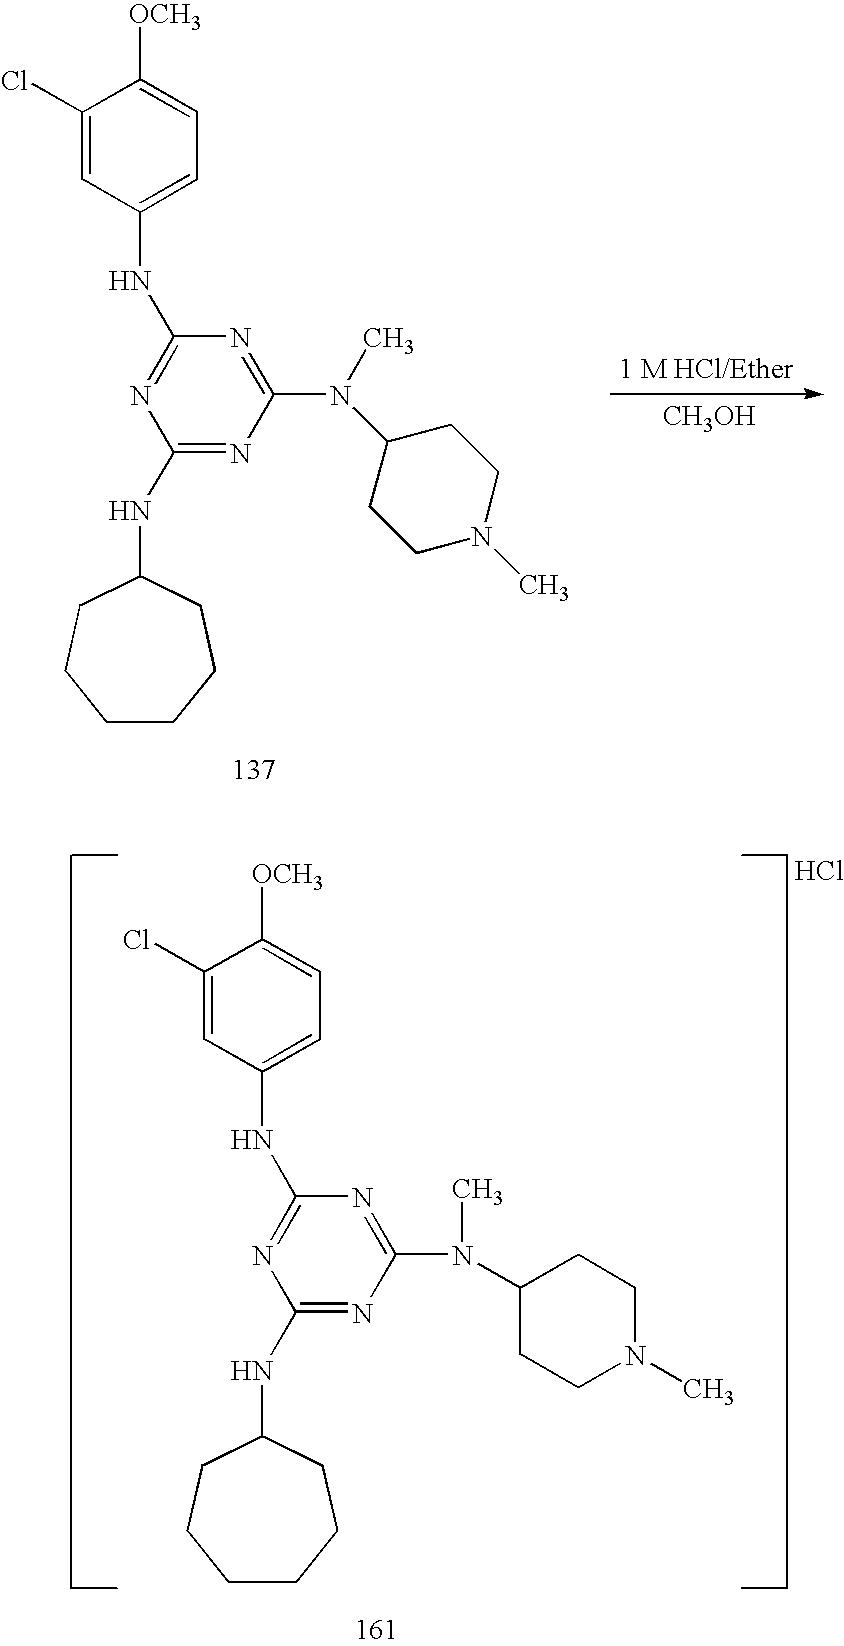 Figure US07112587-20060926-C00205